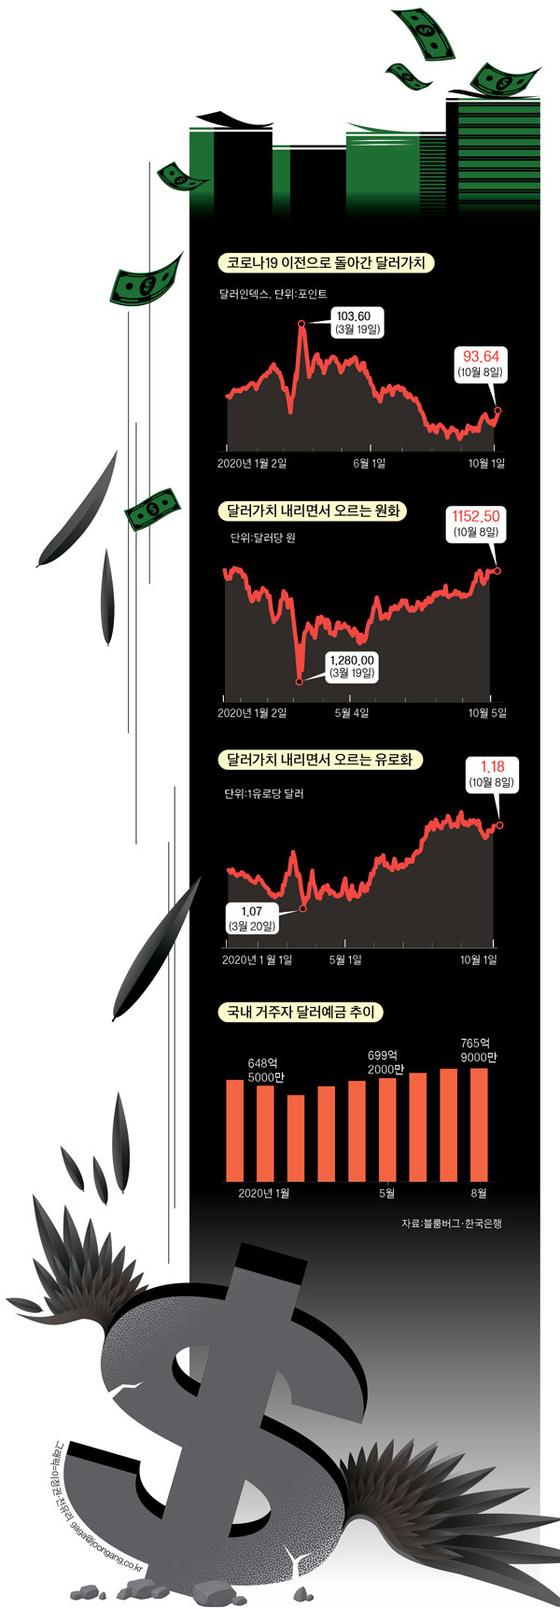 그래픽=이정권·전유리 gaga@joongang.co.kr